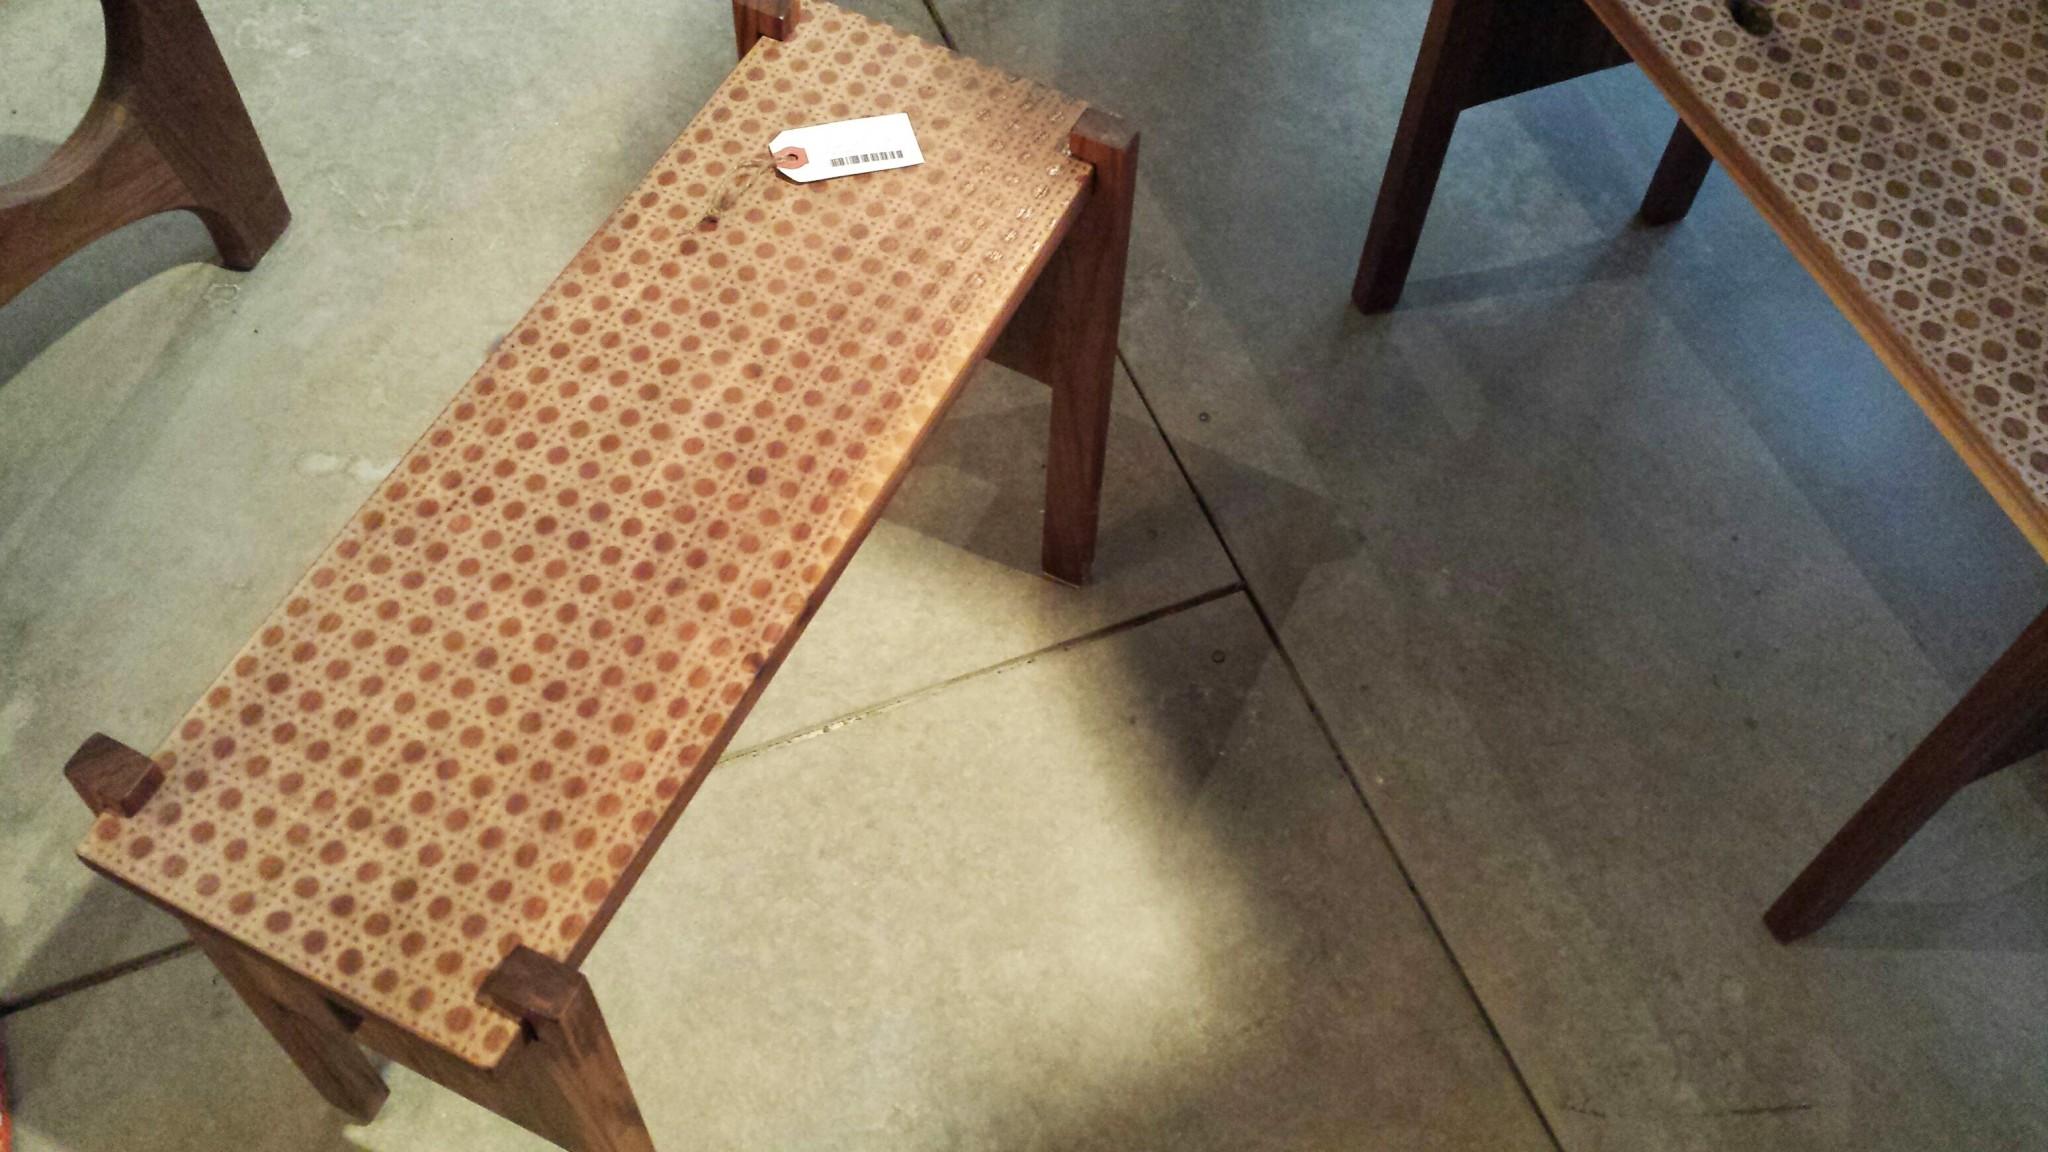 Table basse avec imprimé en noyer prix variables selon les dimensions